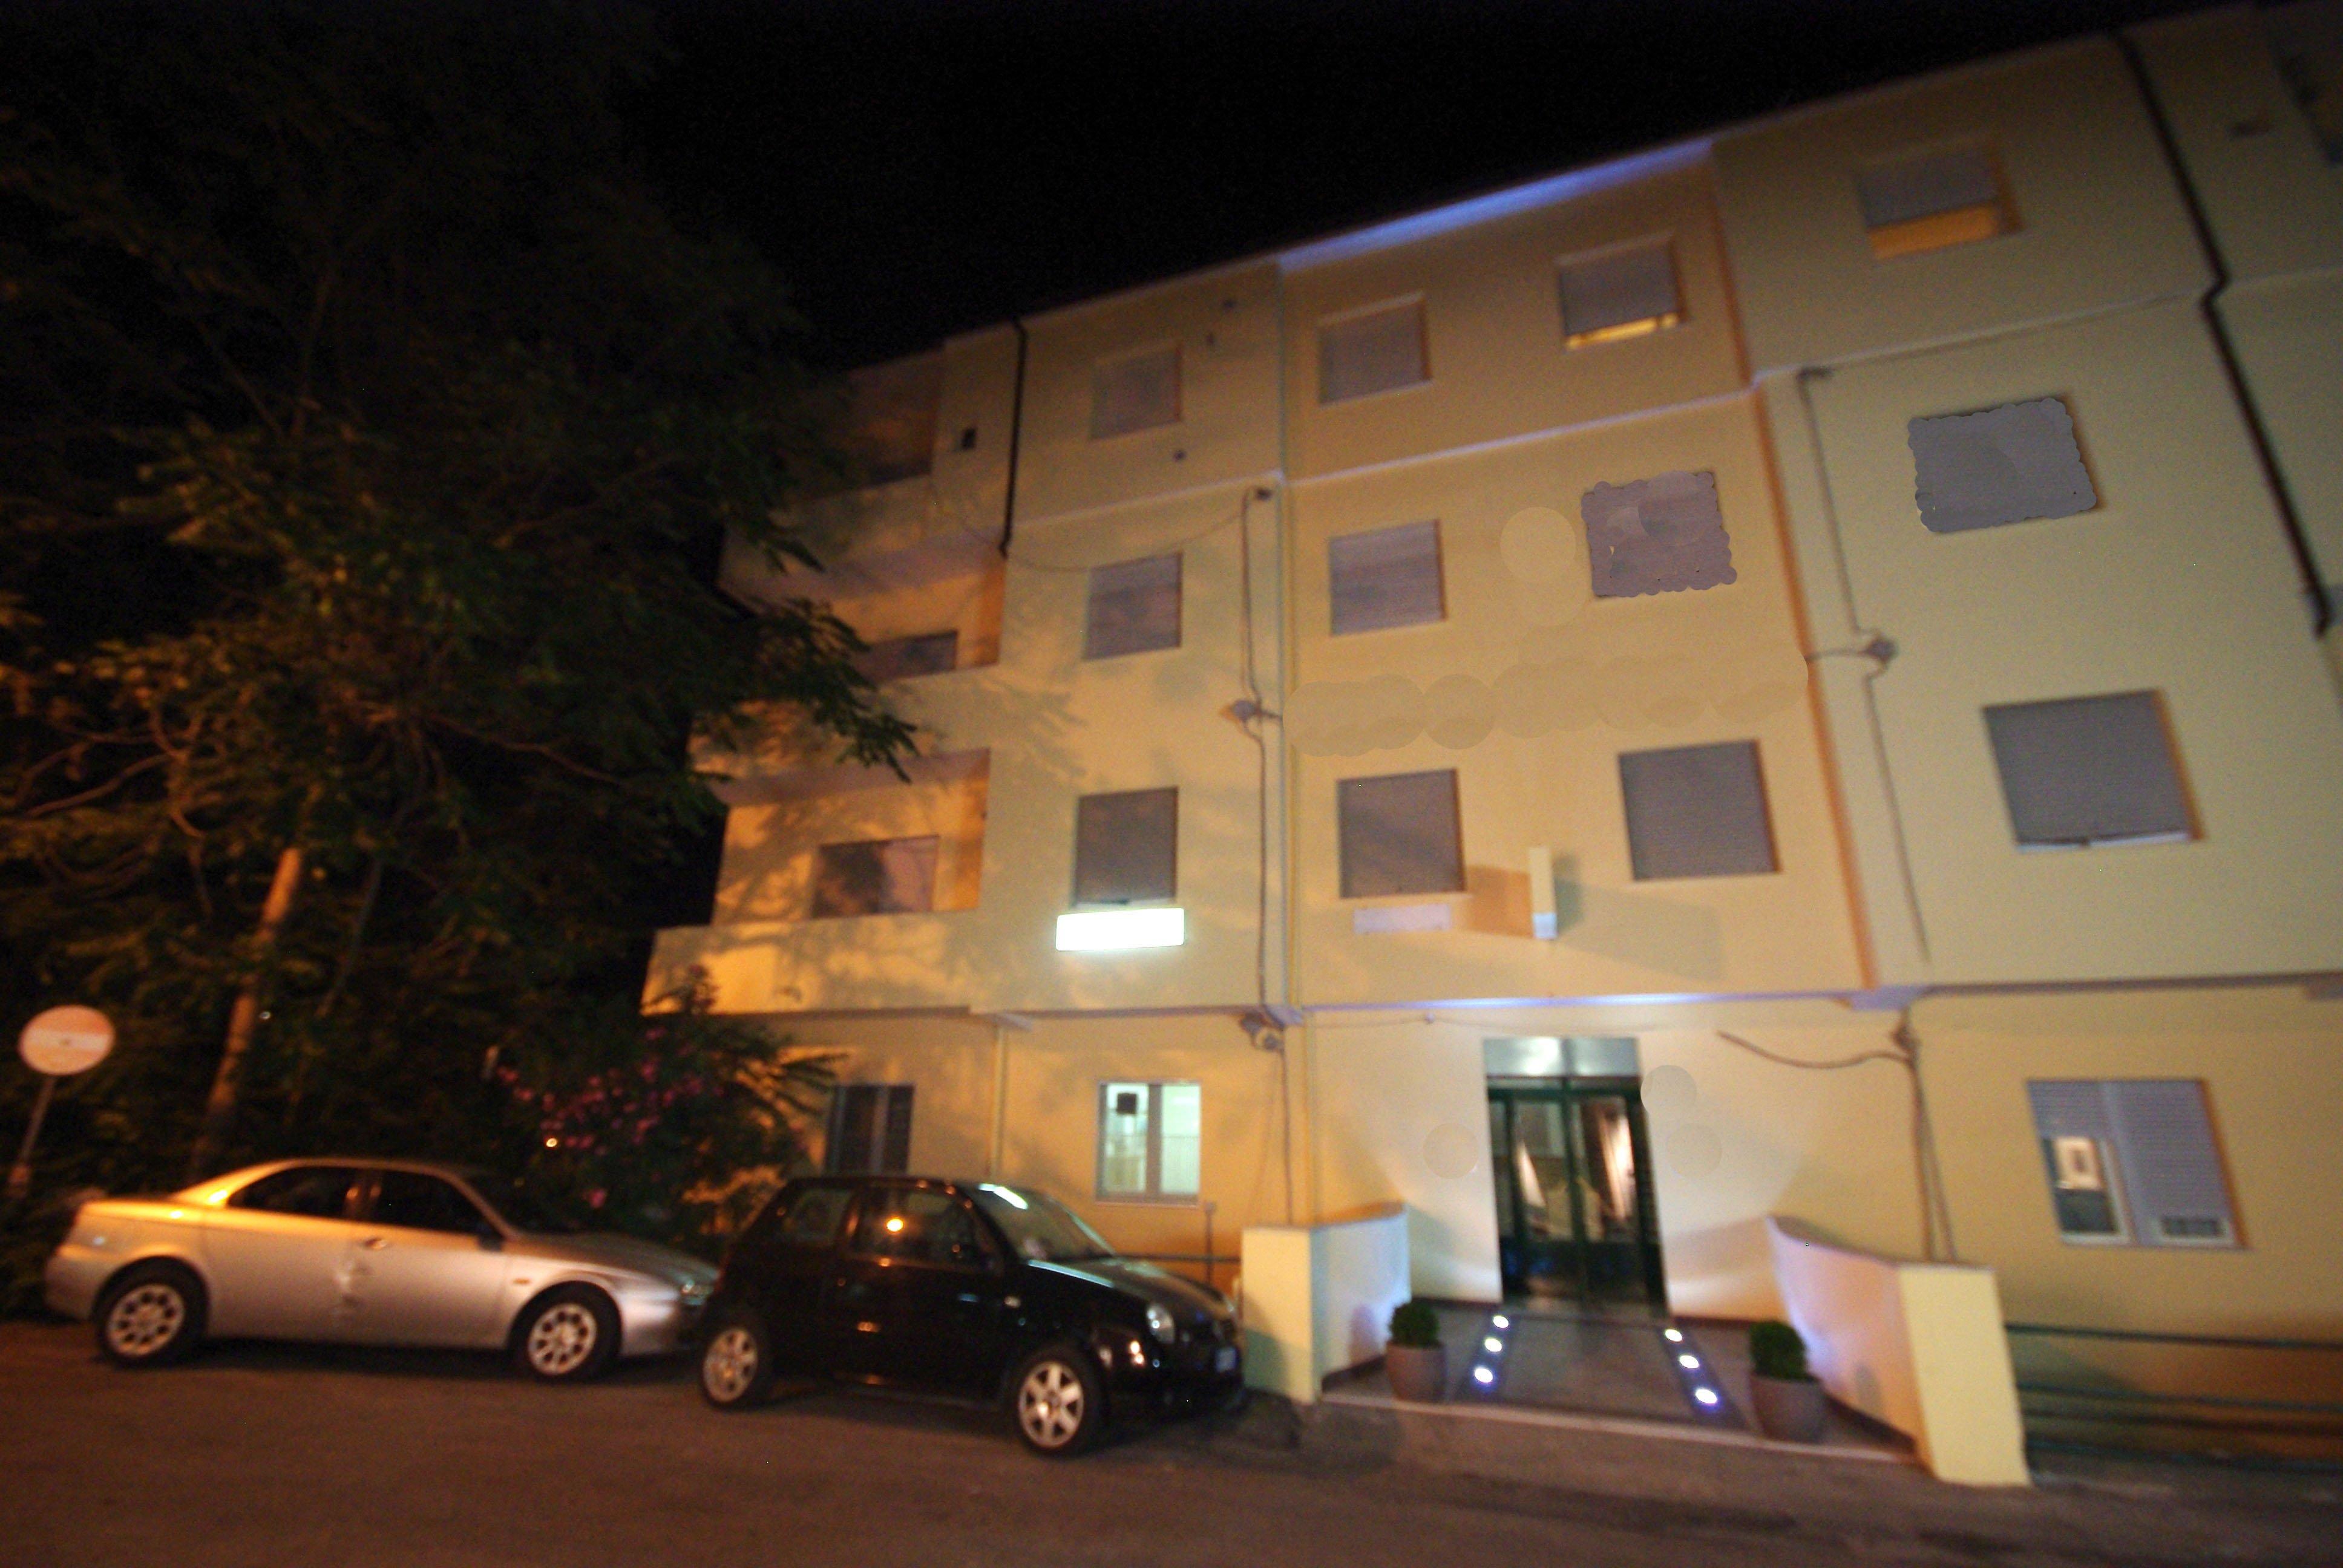 vista esterna dell'albergo di sera